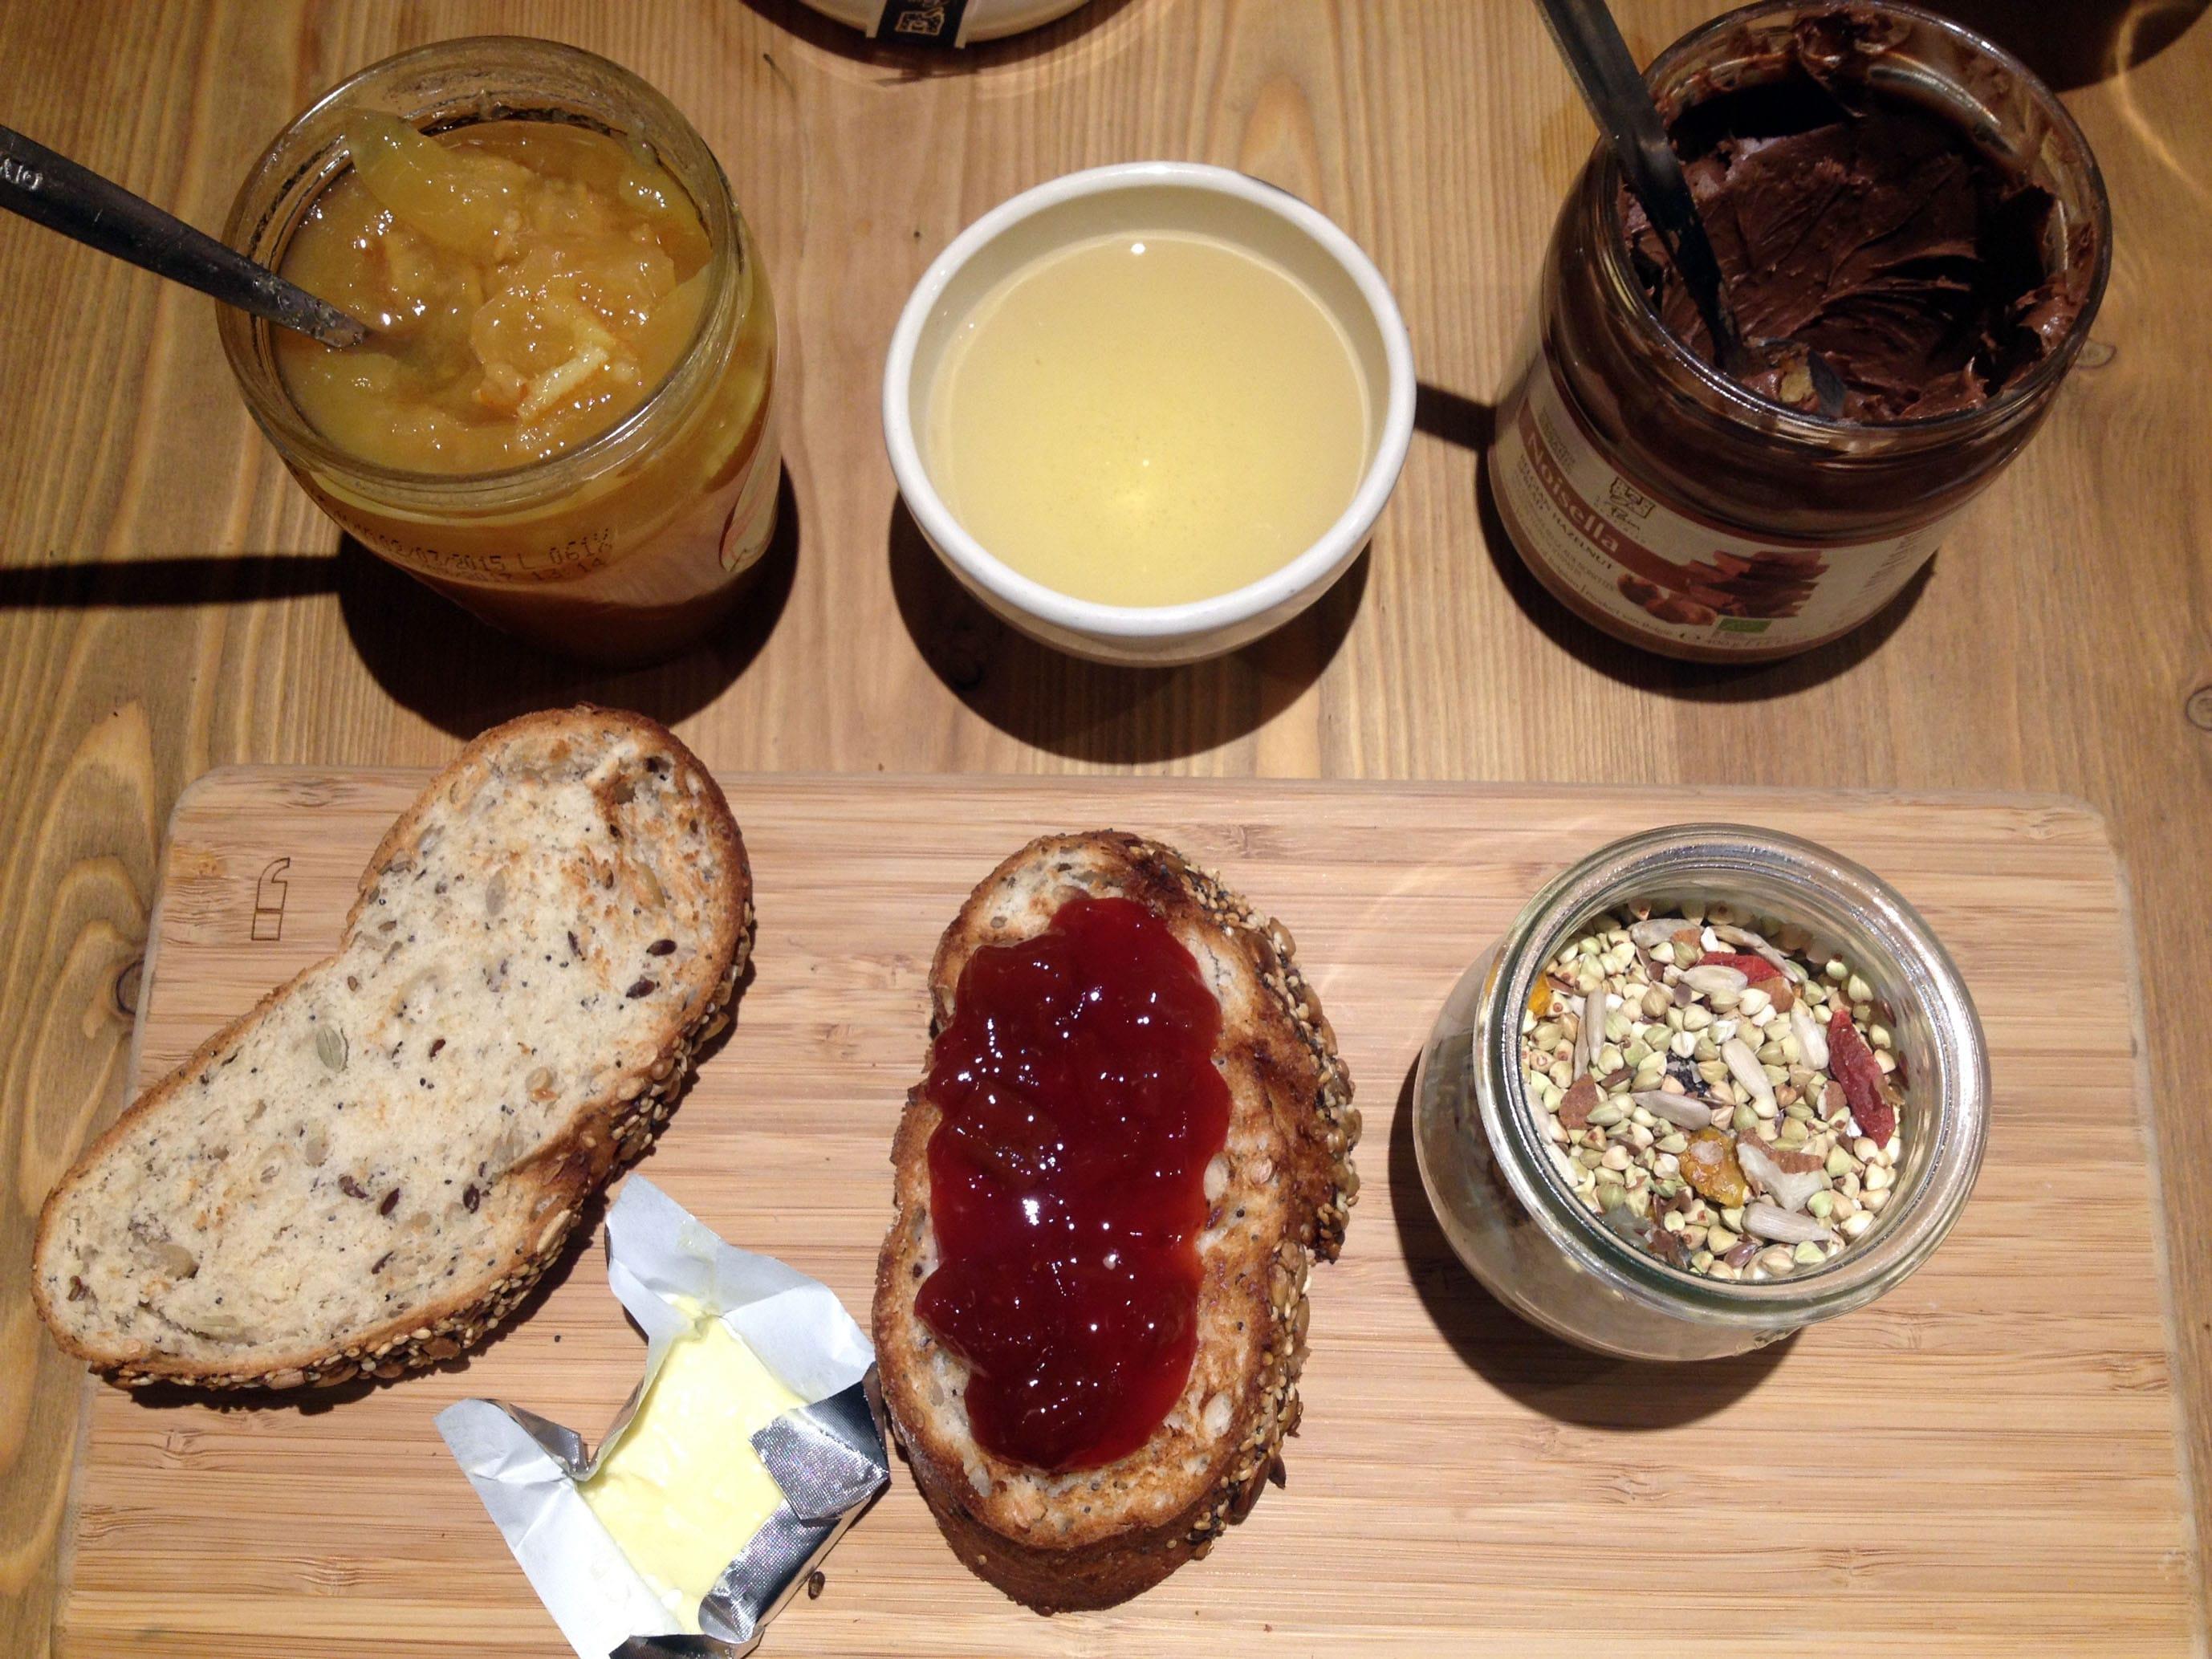 Gluten free granola with yogurt and fresh fruit.